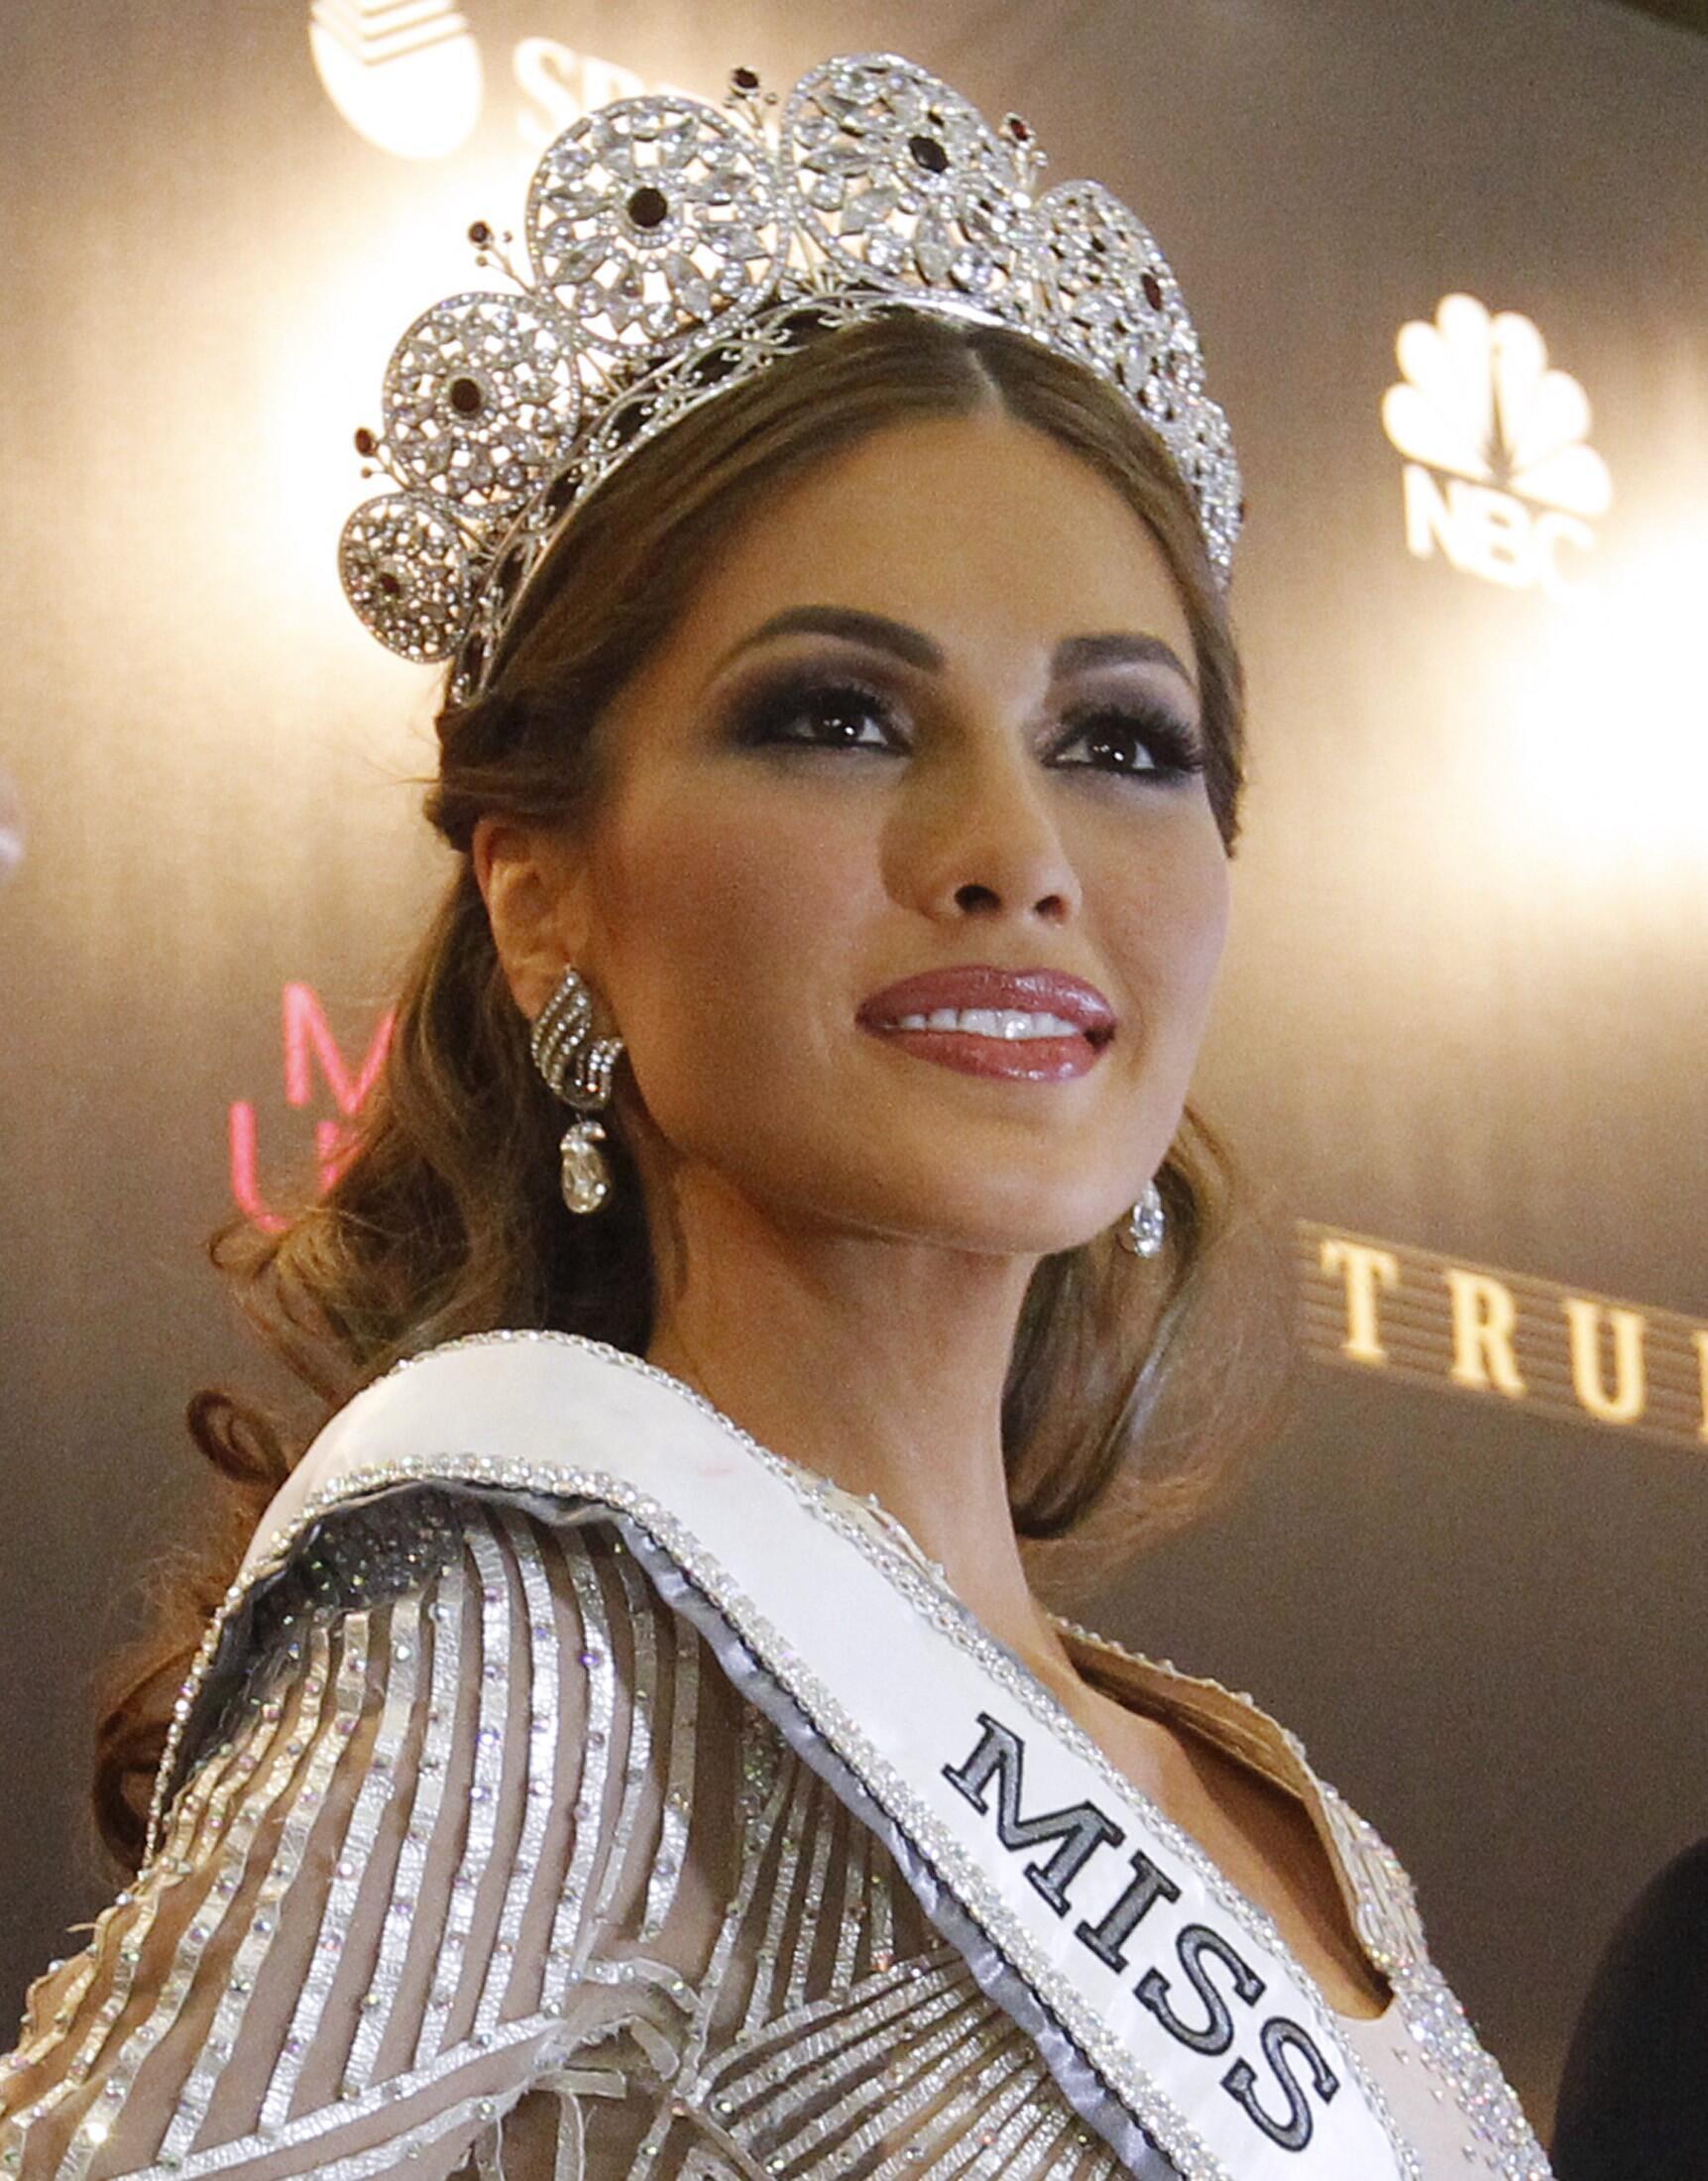 Hoa khôi Vénézuela Gabriela Isler, Hoa hậu Hoàn vũ 2013, Matxcơva, Nga, 09/11/2013